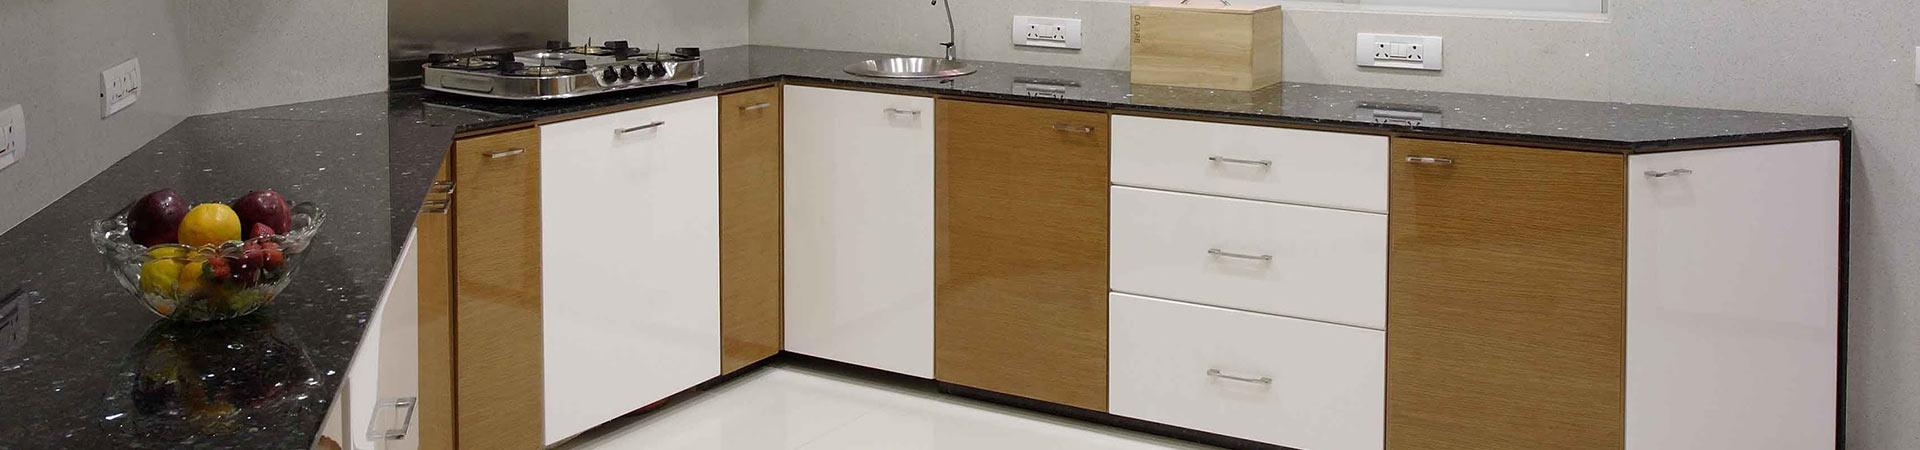 Modular Kitchen Installation & Repair Services in Jaipur